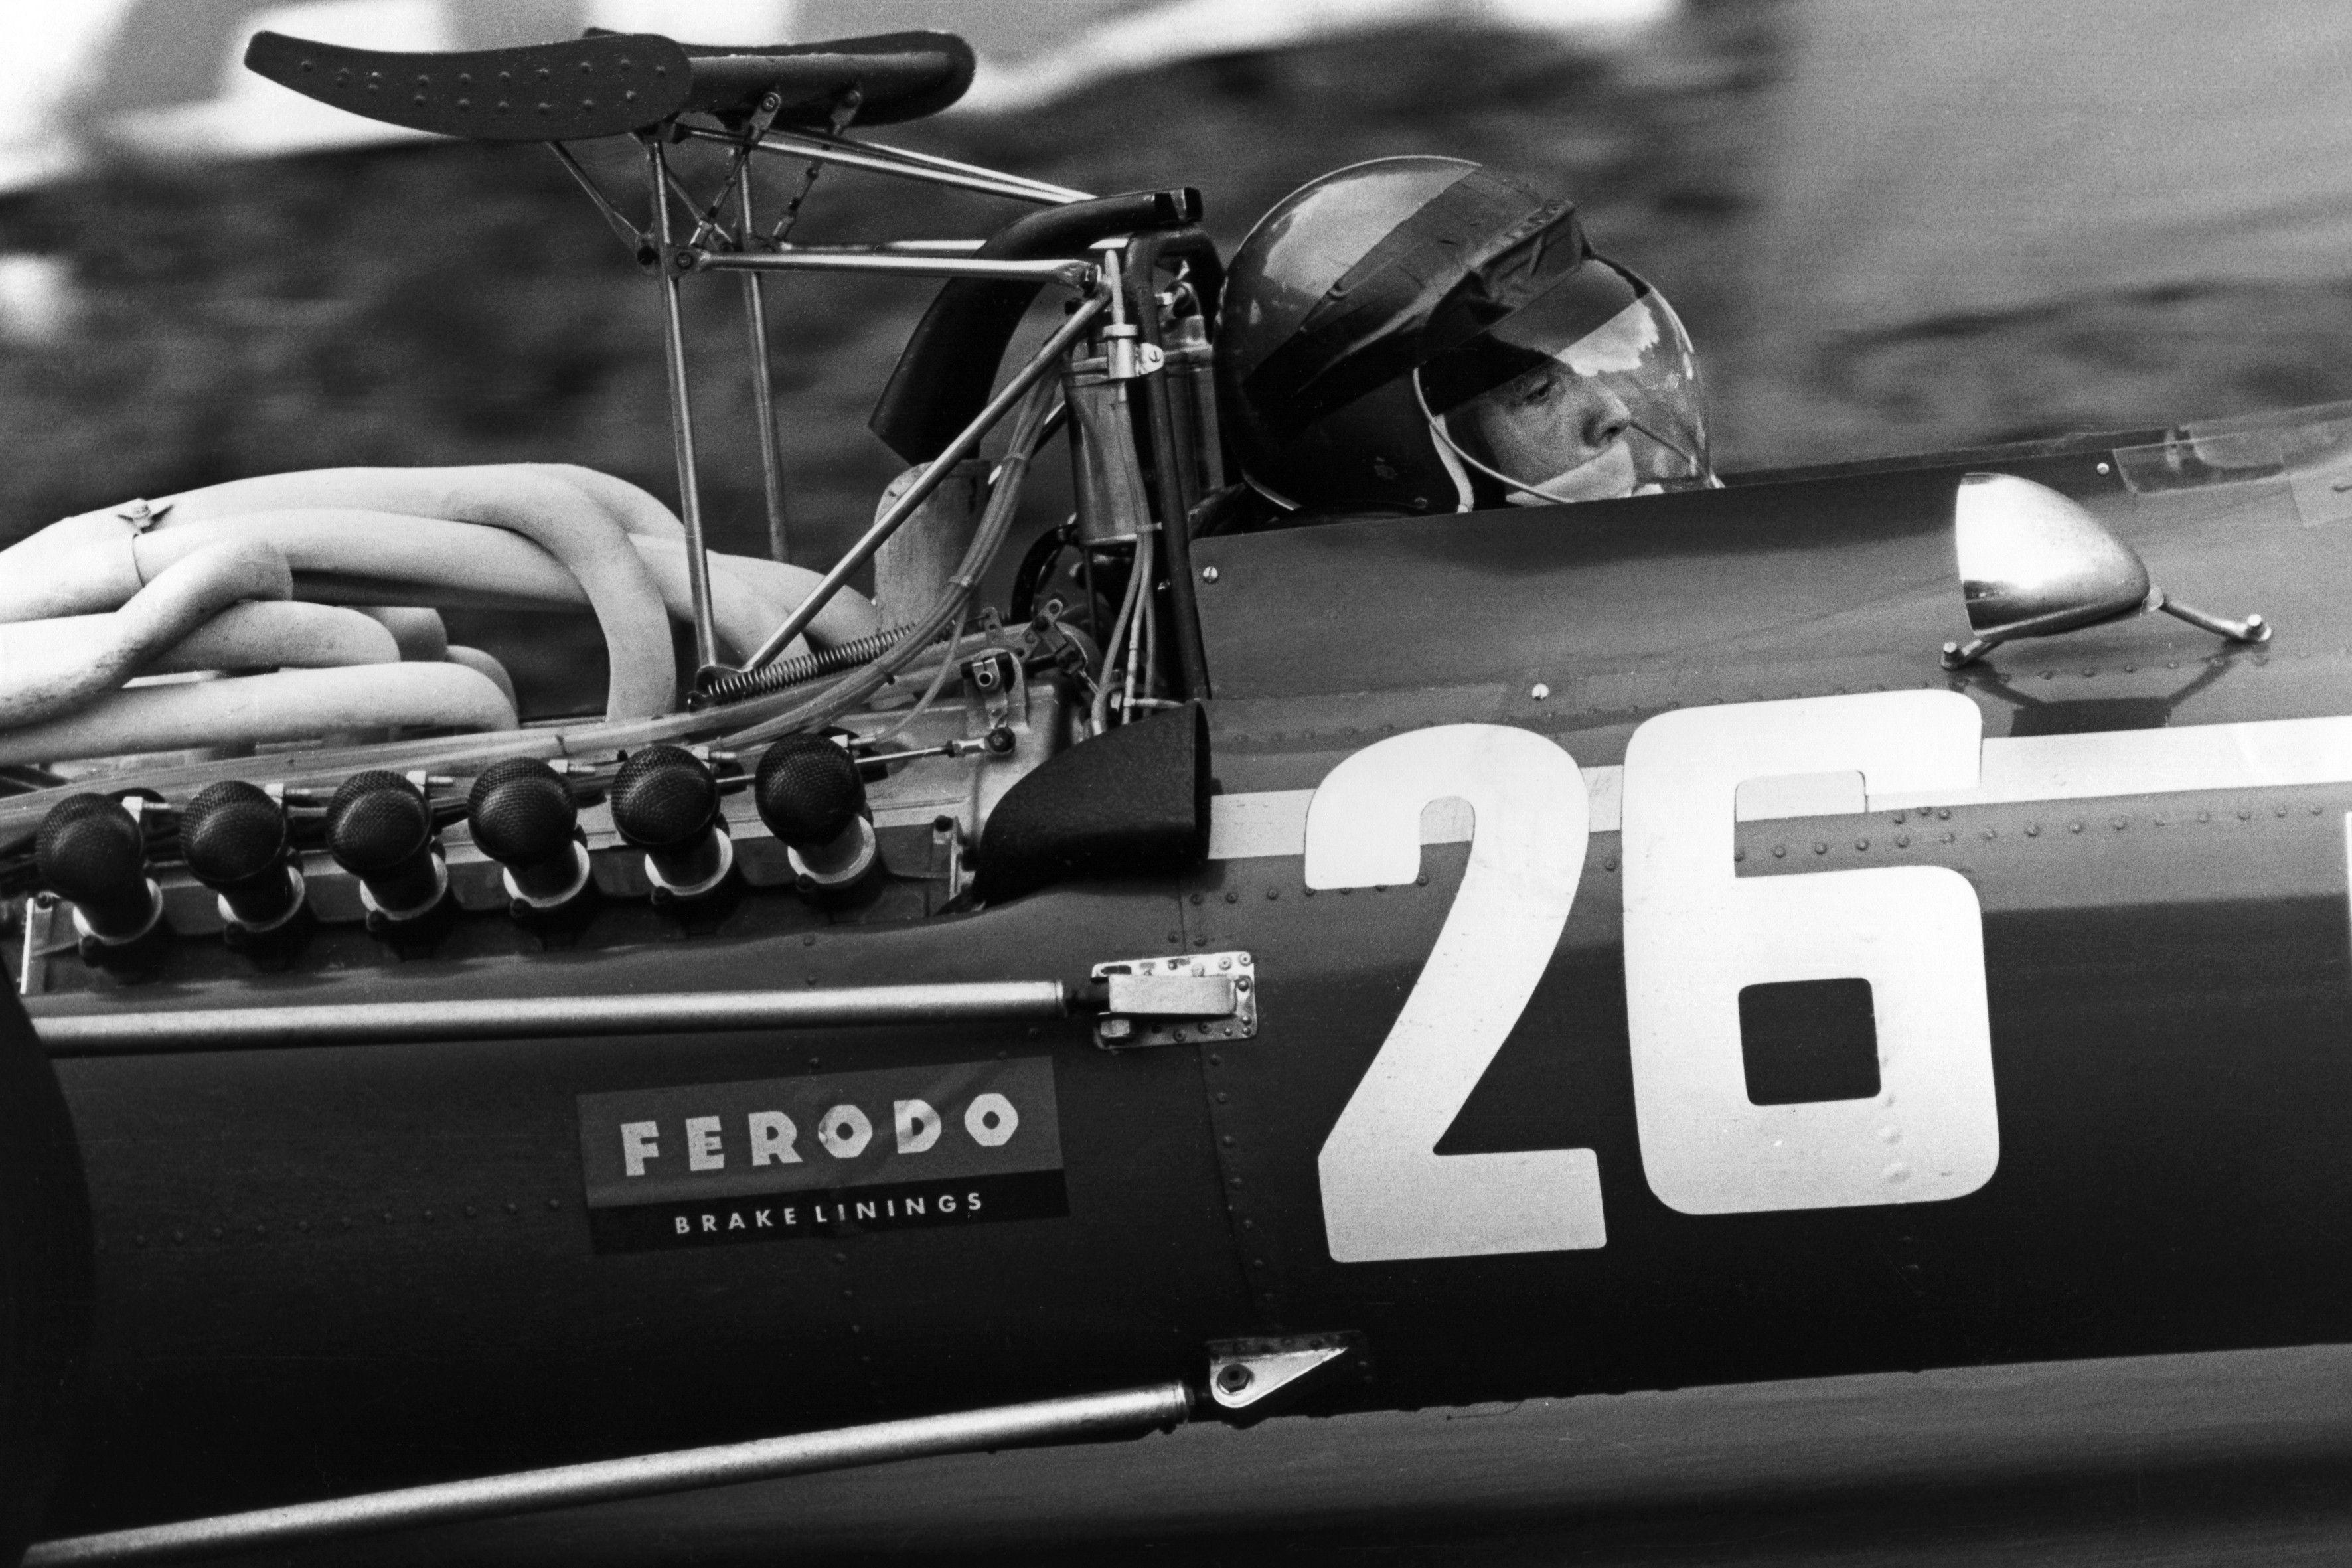 Fotos Temporada 1968 de Fórmula 1 Ferrari racing